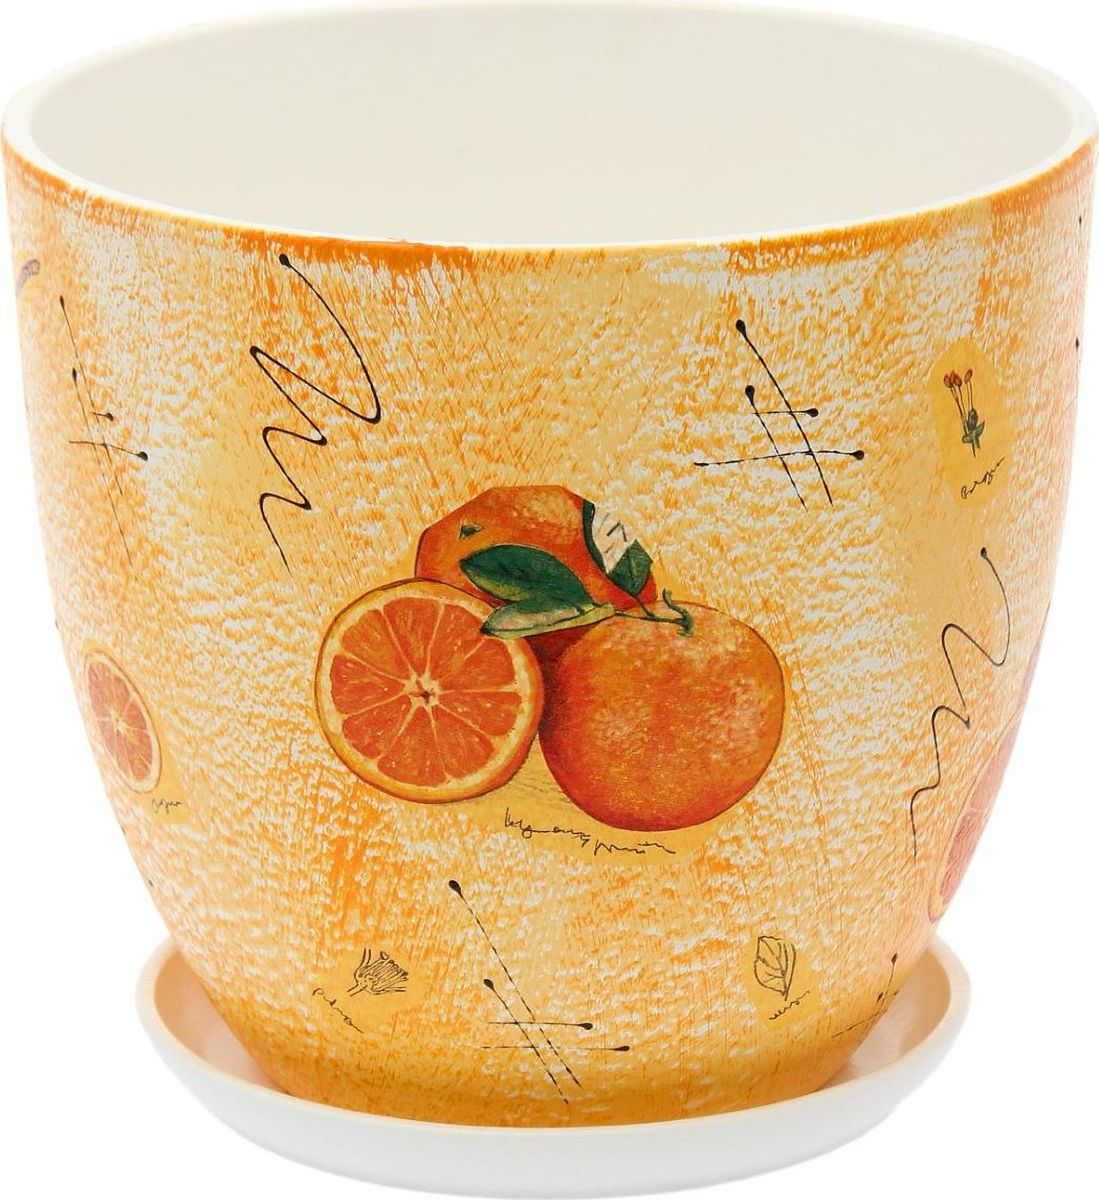 Кашпо Апельсин, 8,5 л1793181Комнатные растения — всеобщие любимцы. Они радуют глаз, насыщают помещение кислородом и украшают пространство. Каждому из них необходим свой удобный и красивый дом. Кашпо из керамики прекрасно подходят для высадки растений: за счет пластичности глины и разных способов обработки существует великое множество форм и дизайнов пористый материал позволяет испаряться лишней влаге воздух, необходимый для дыхания корней, проникает сквозь керамические стенки!Кашпо Апельсин позаботится о зеленом питомце, освежит интерьер и подчеркнет его стиль.